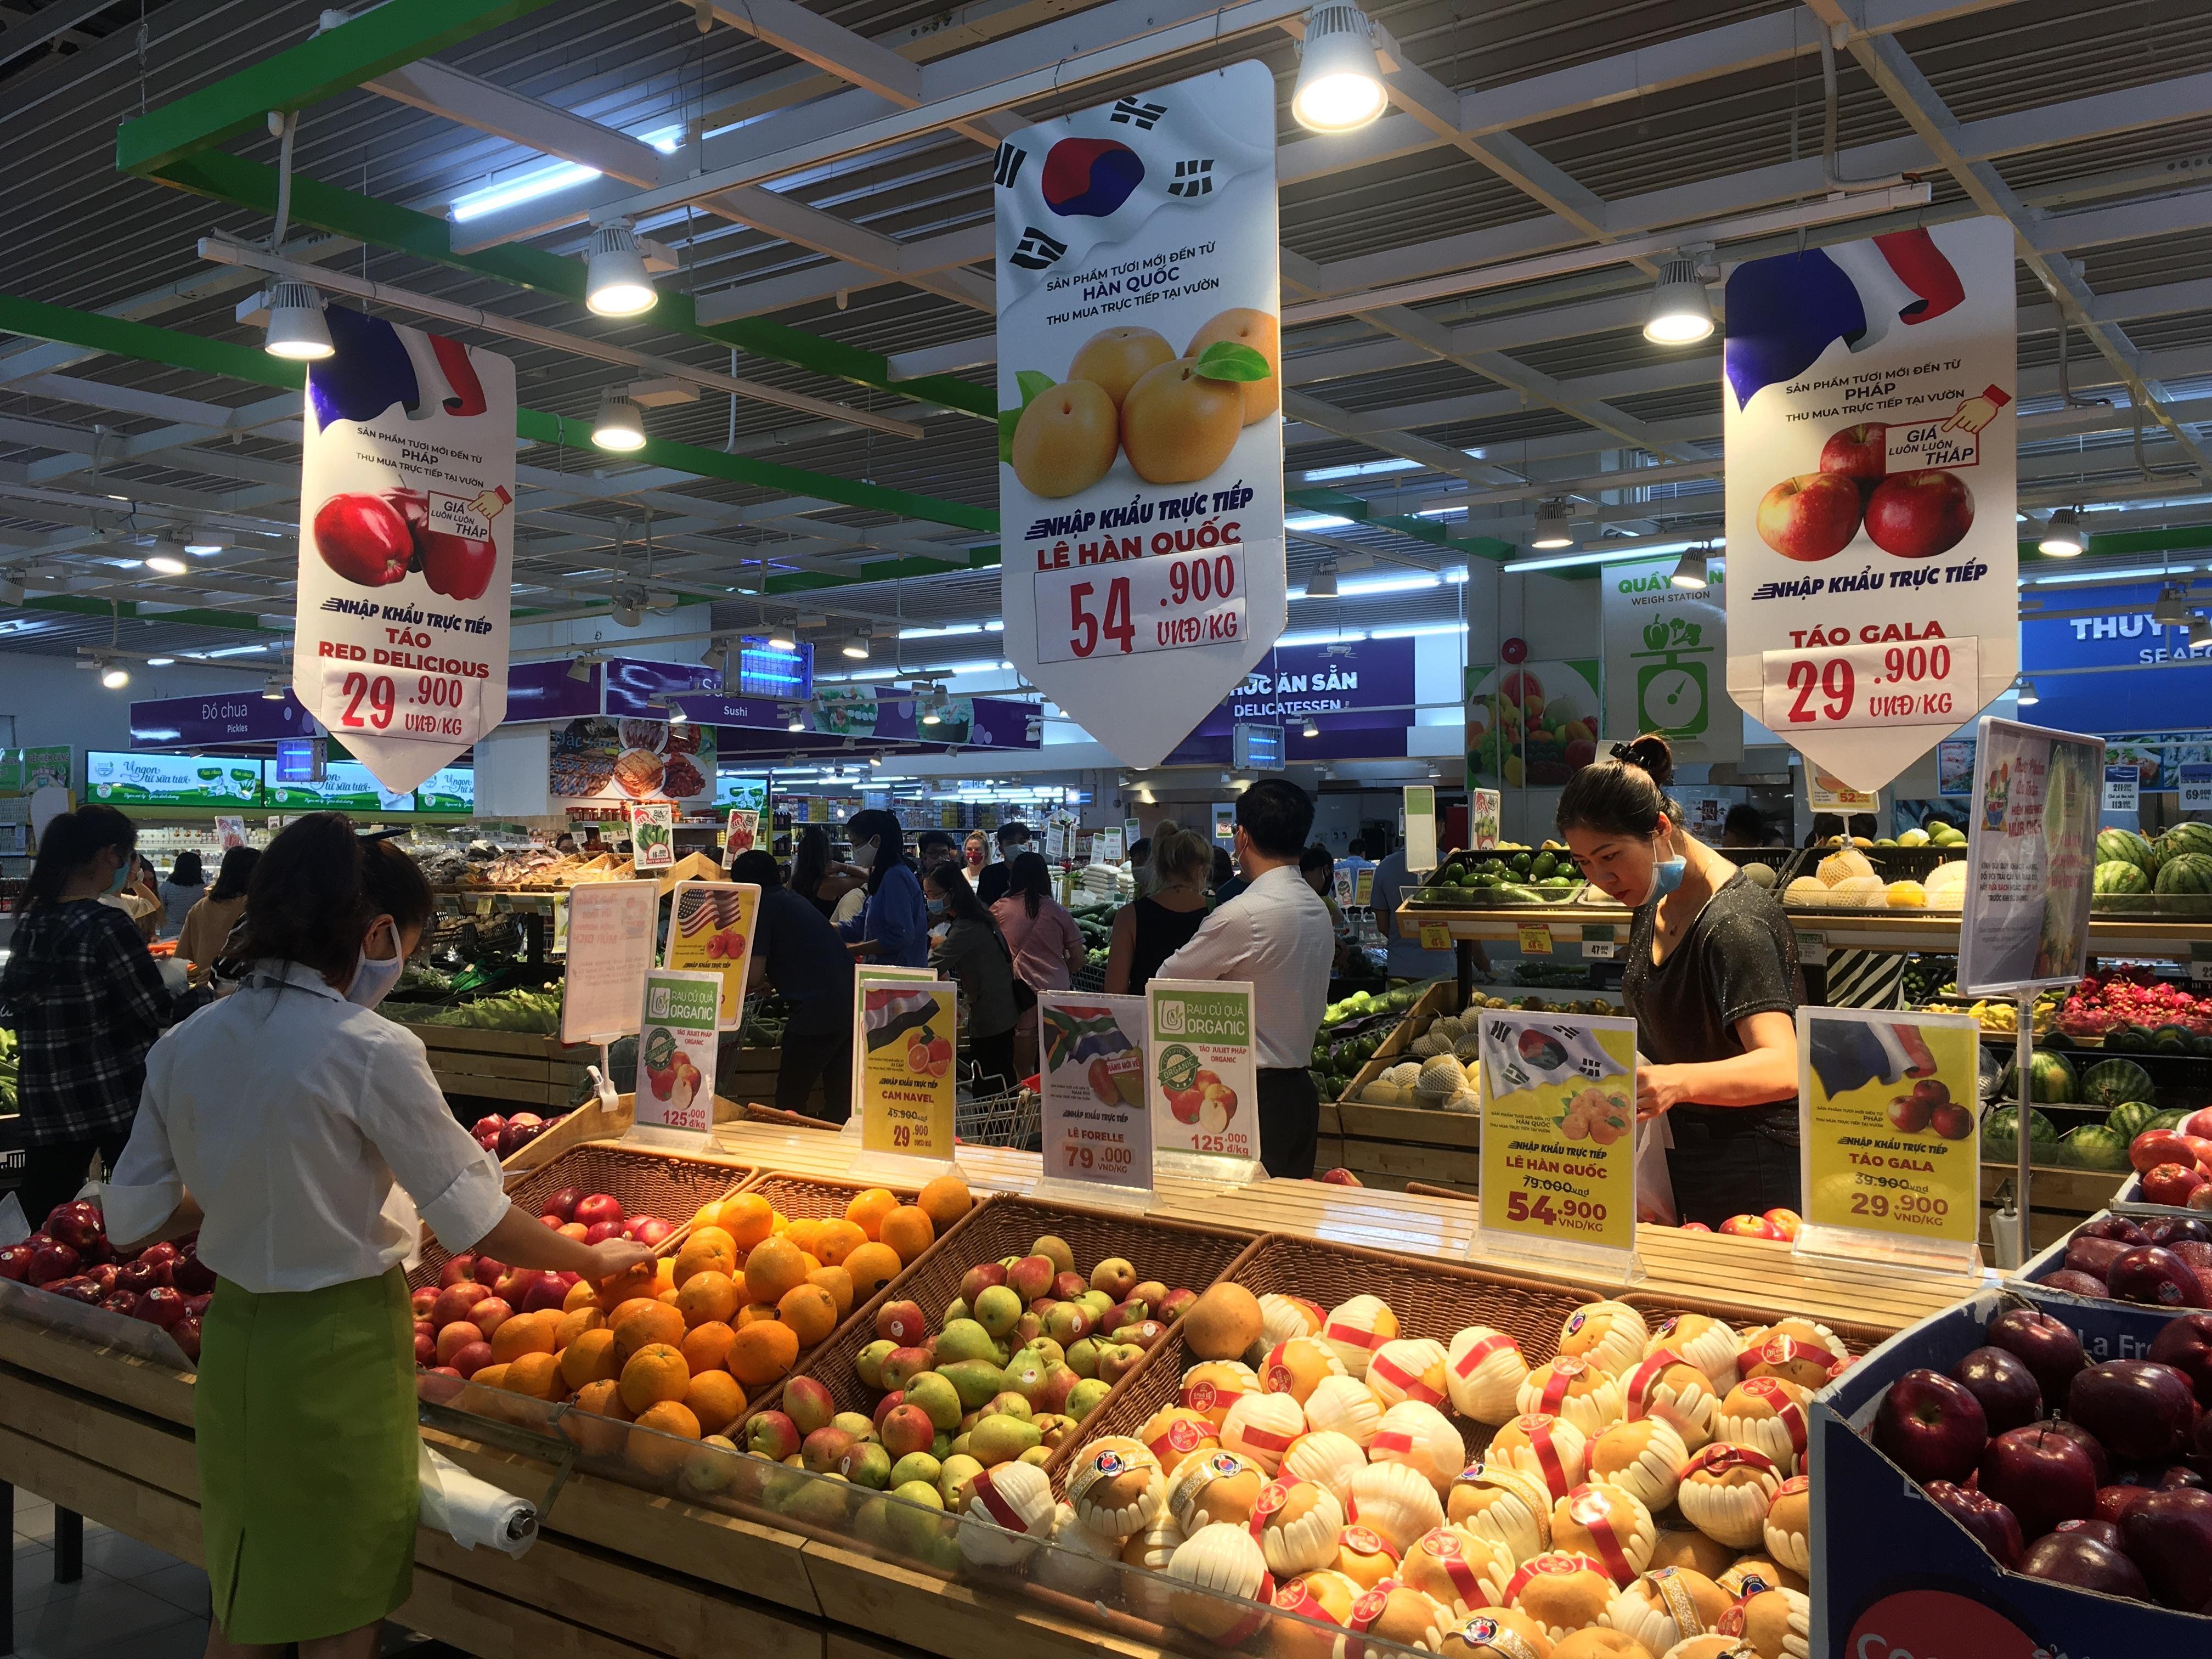 doanh nghiep ban le ung pho the nao truoc kho khan